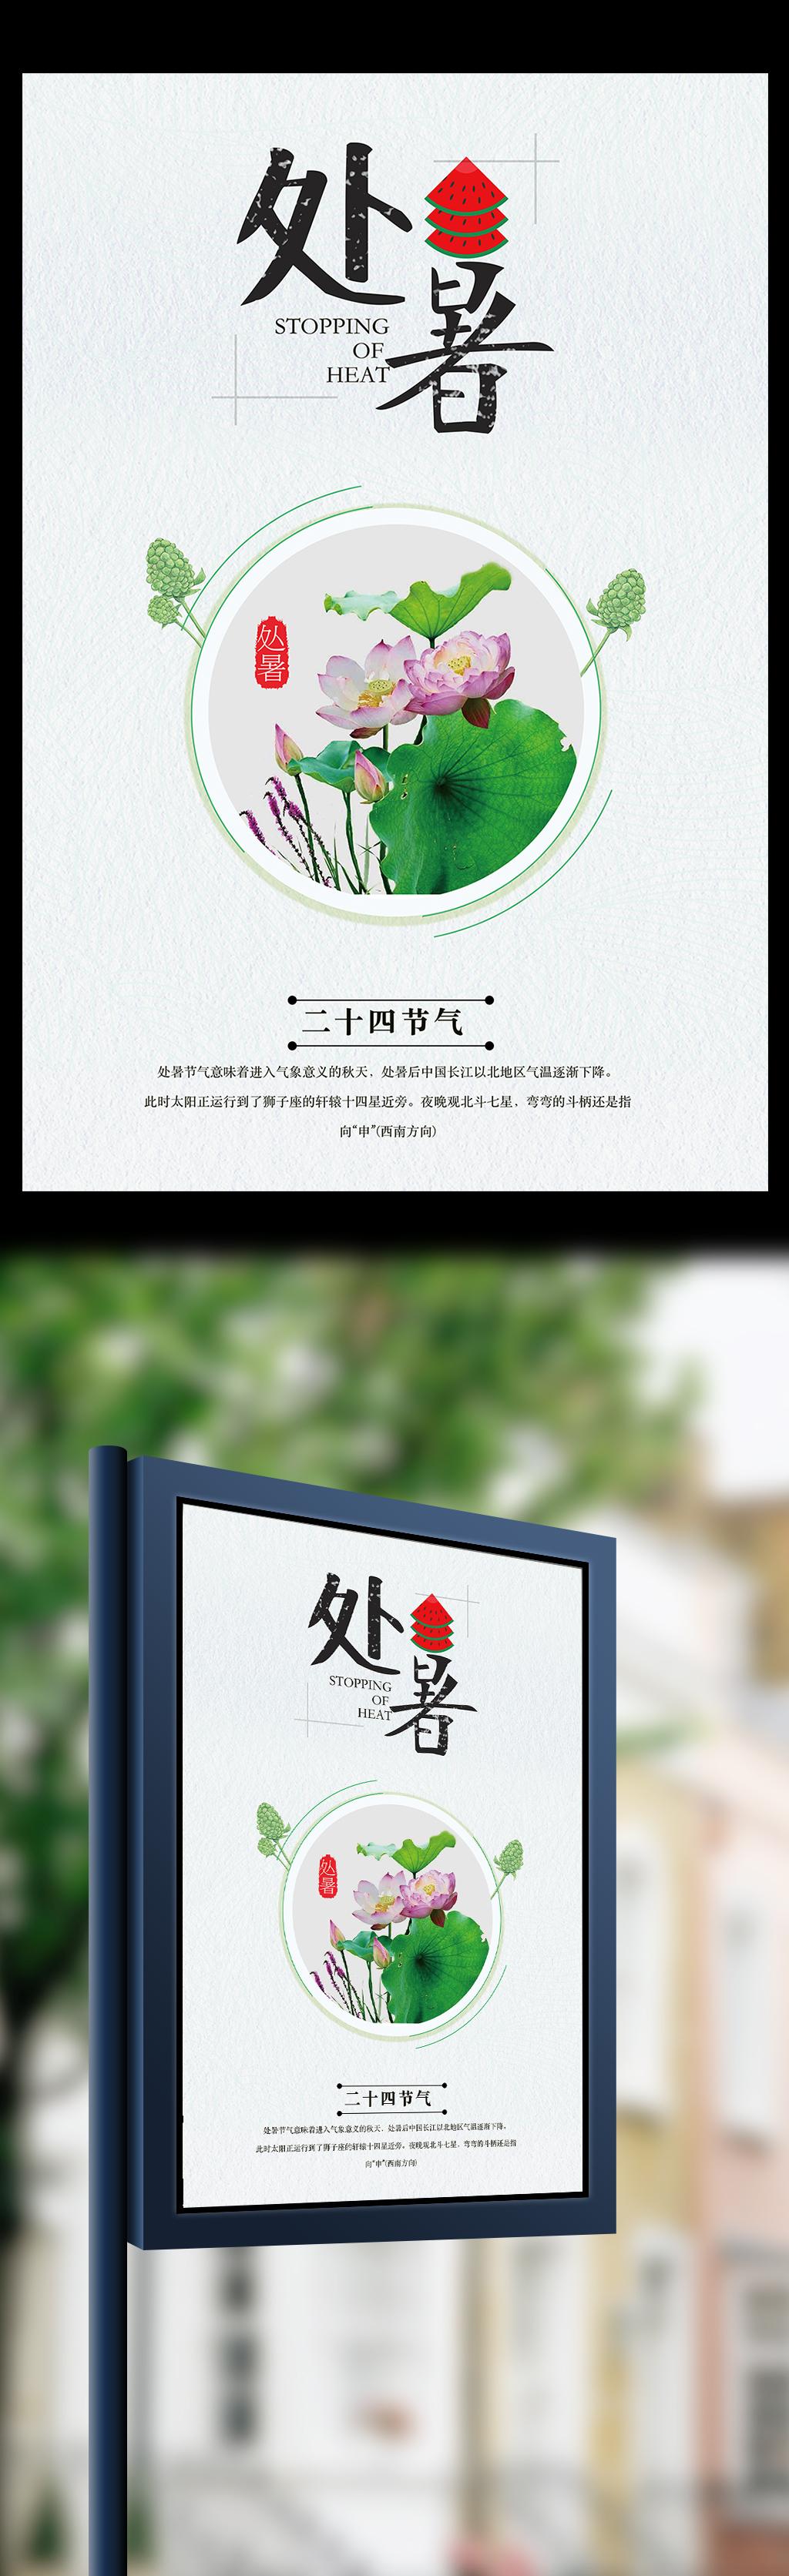 中国简约唯美24节气处暑海报下载 中国简约唯美24节气处暑海报图片